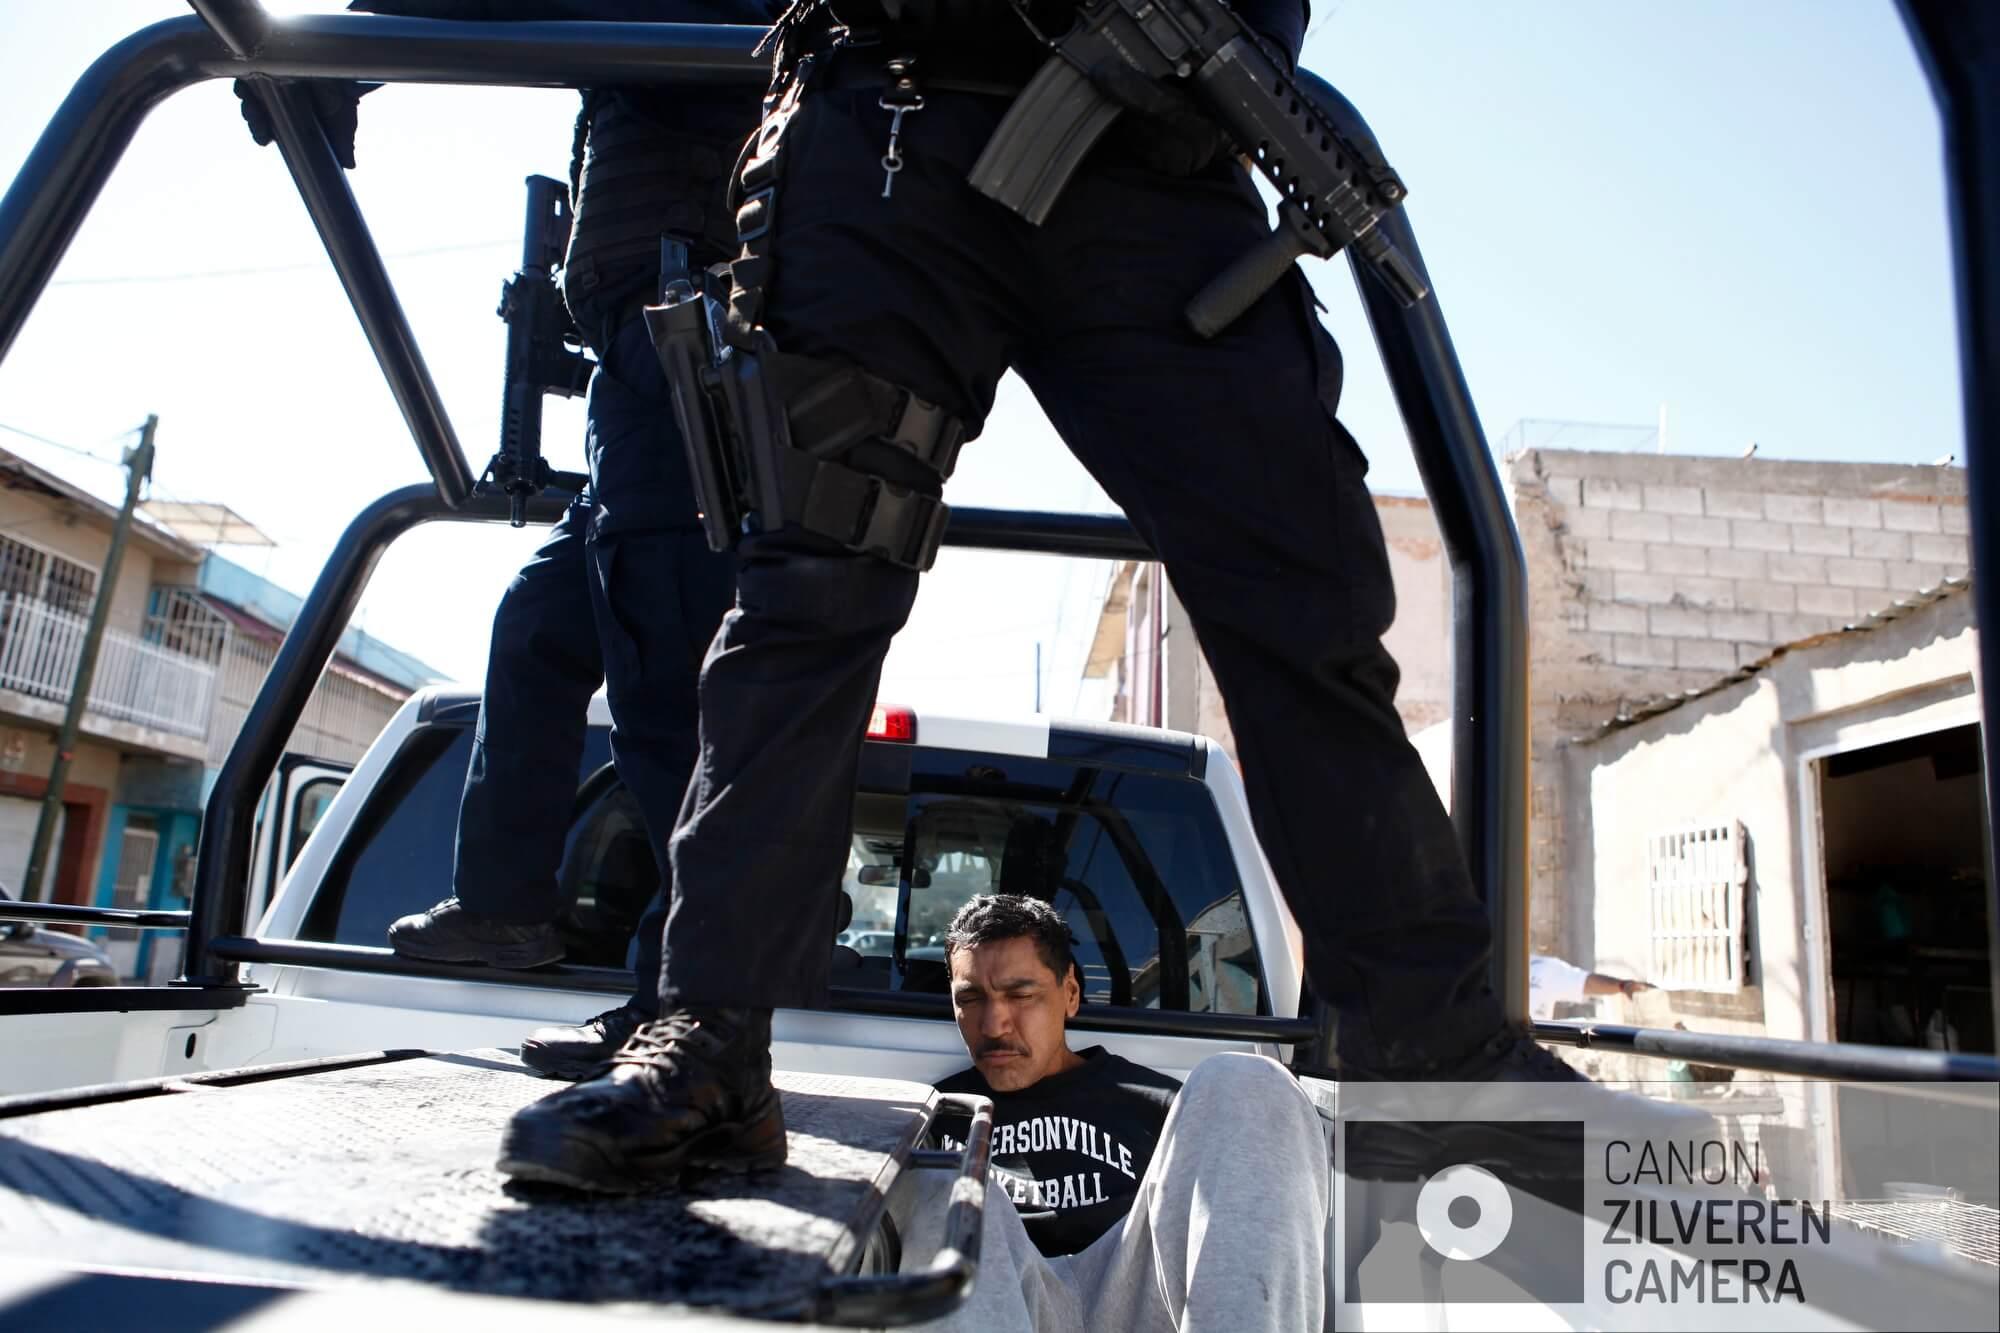 In een drugspand wordt een drugsverslaafde opgepakt die in het bezit van heroïne is. Hij wordt afgevoerd naar de gevangenis.